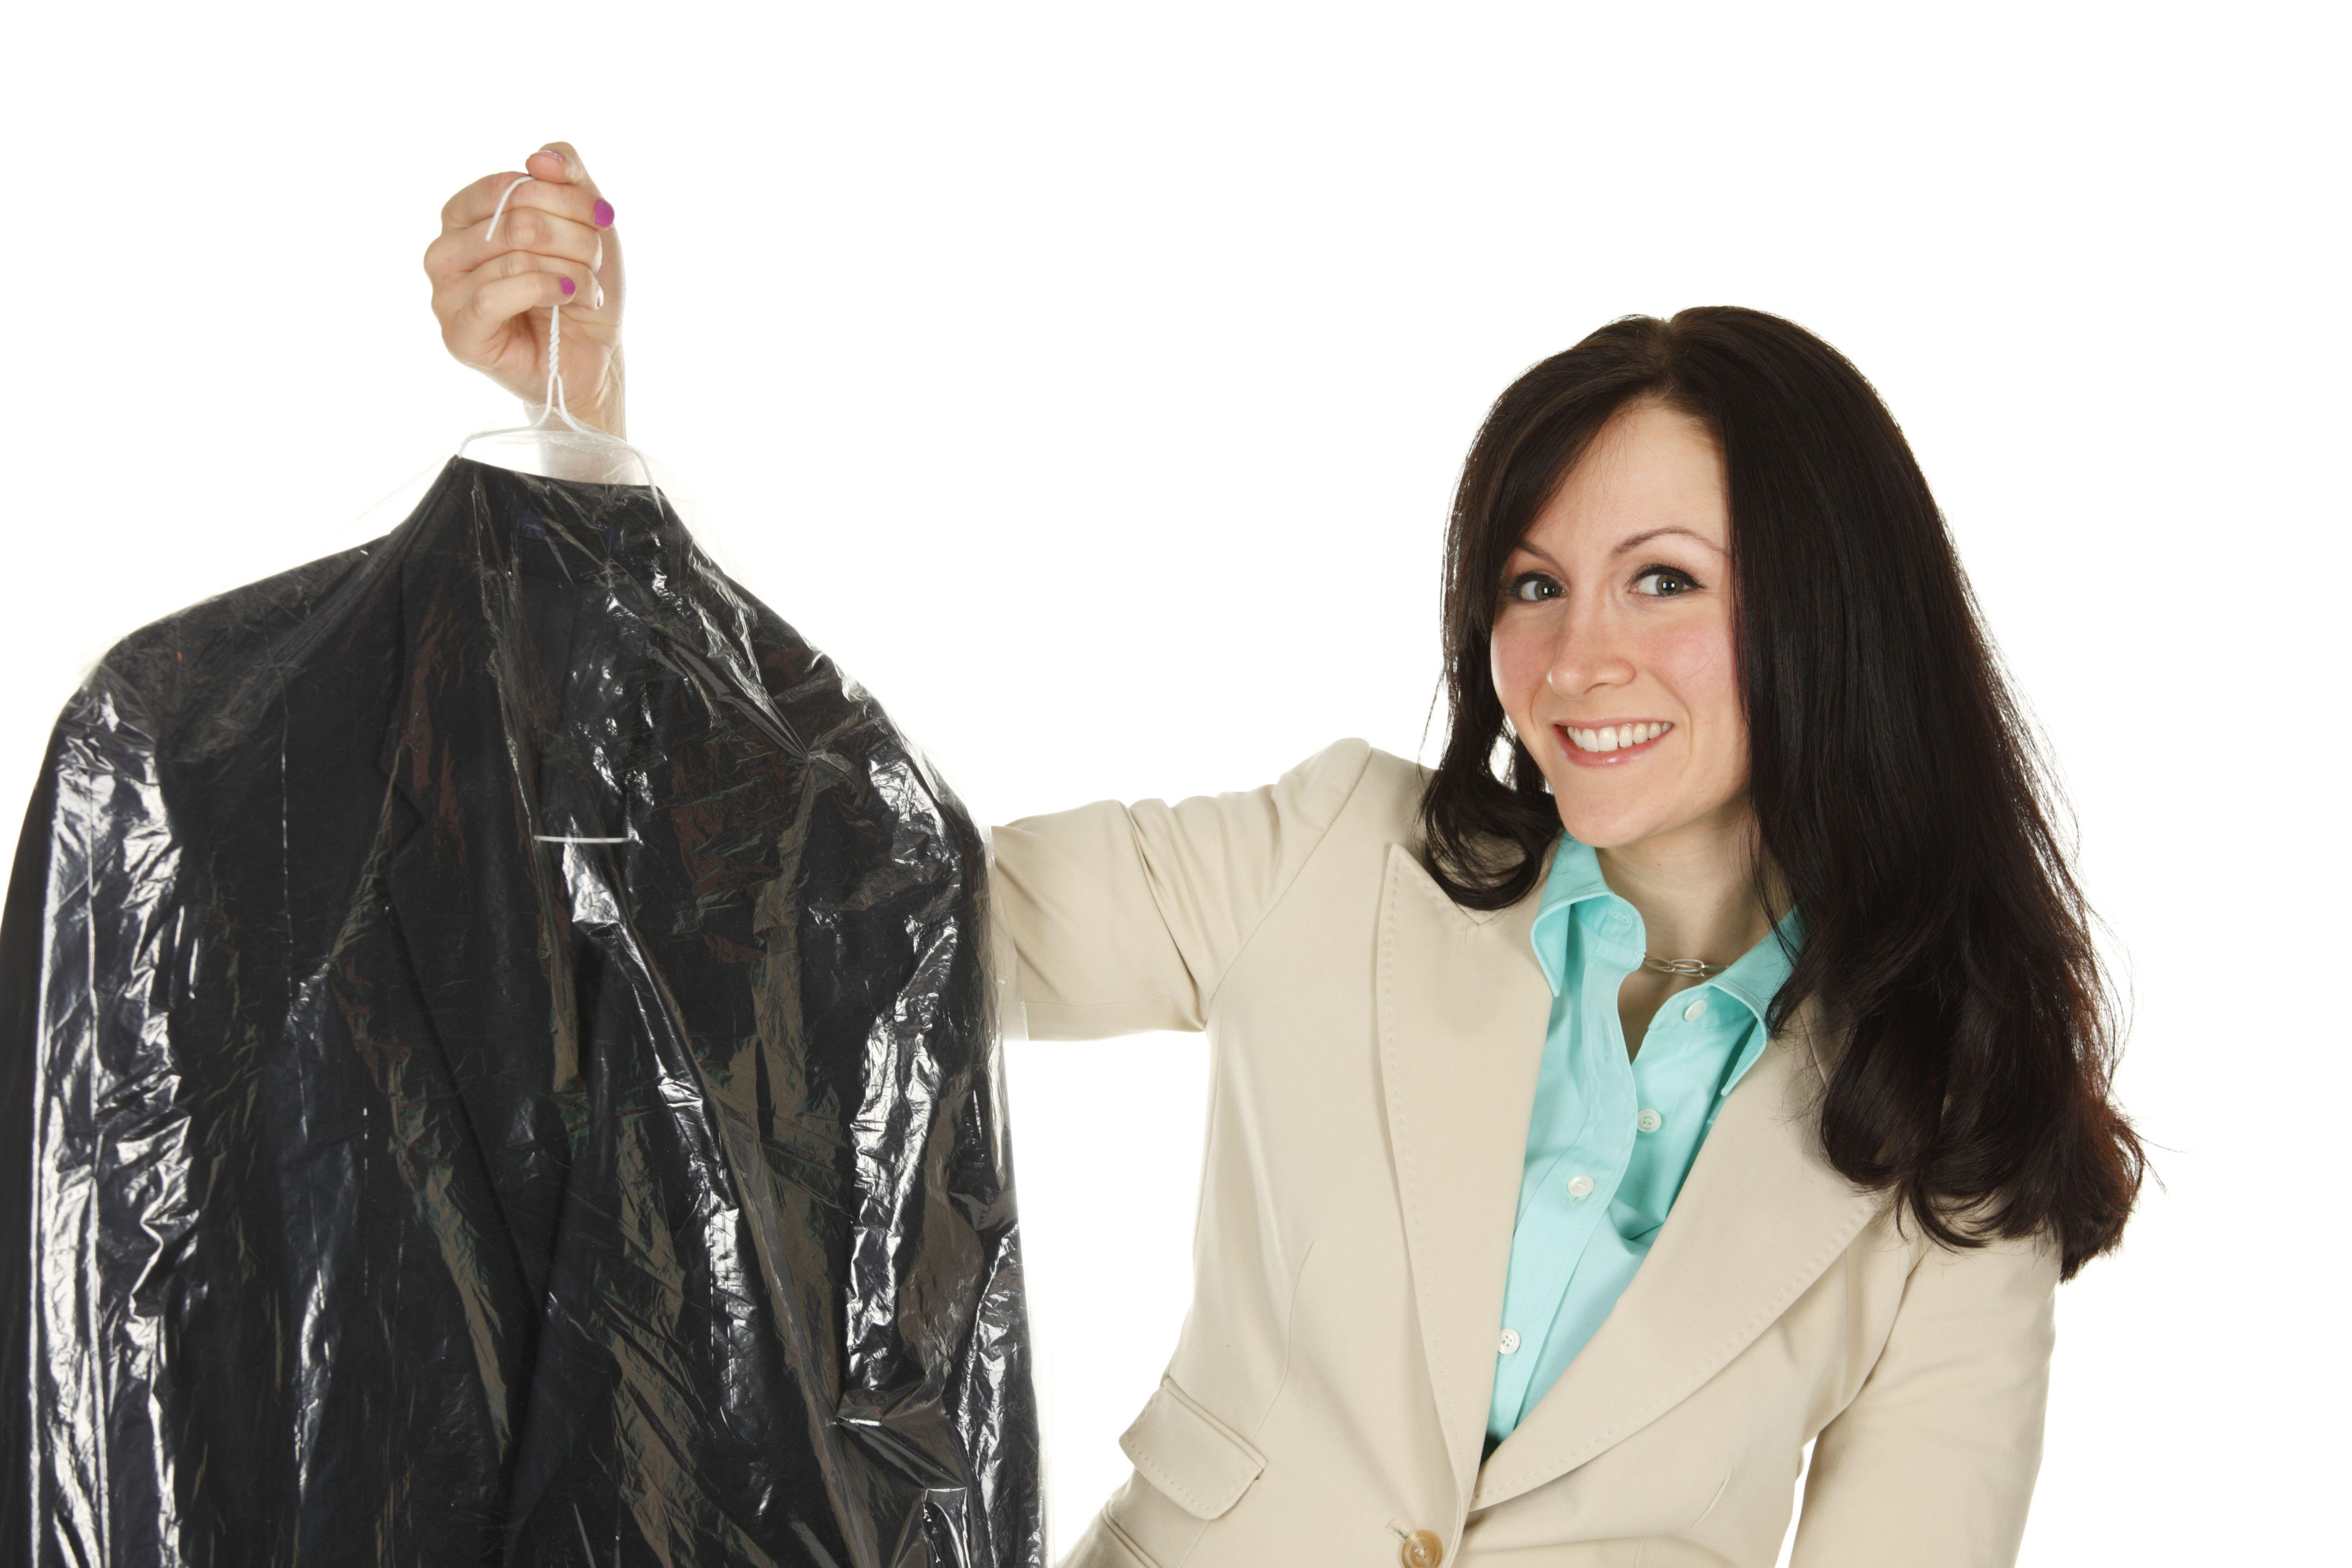 Lavandería y tintorería a domicilio: Servicios de Tinteco tintorerías